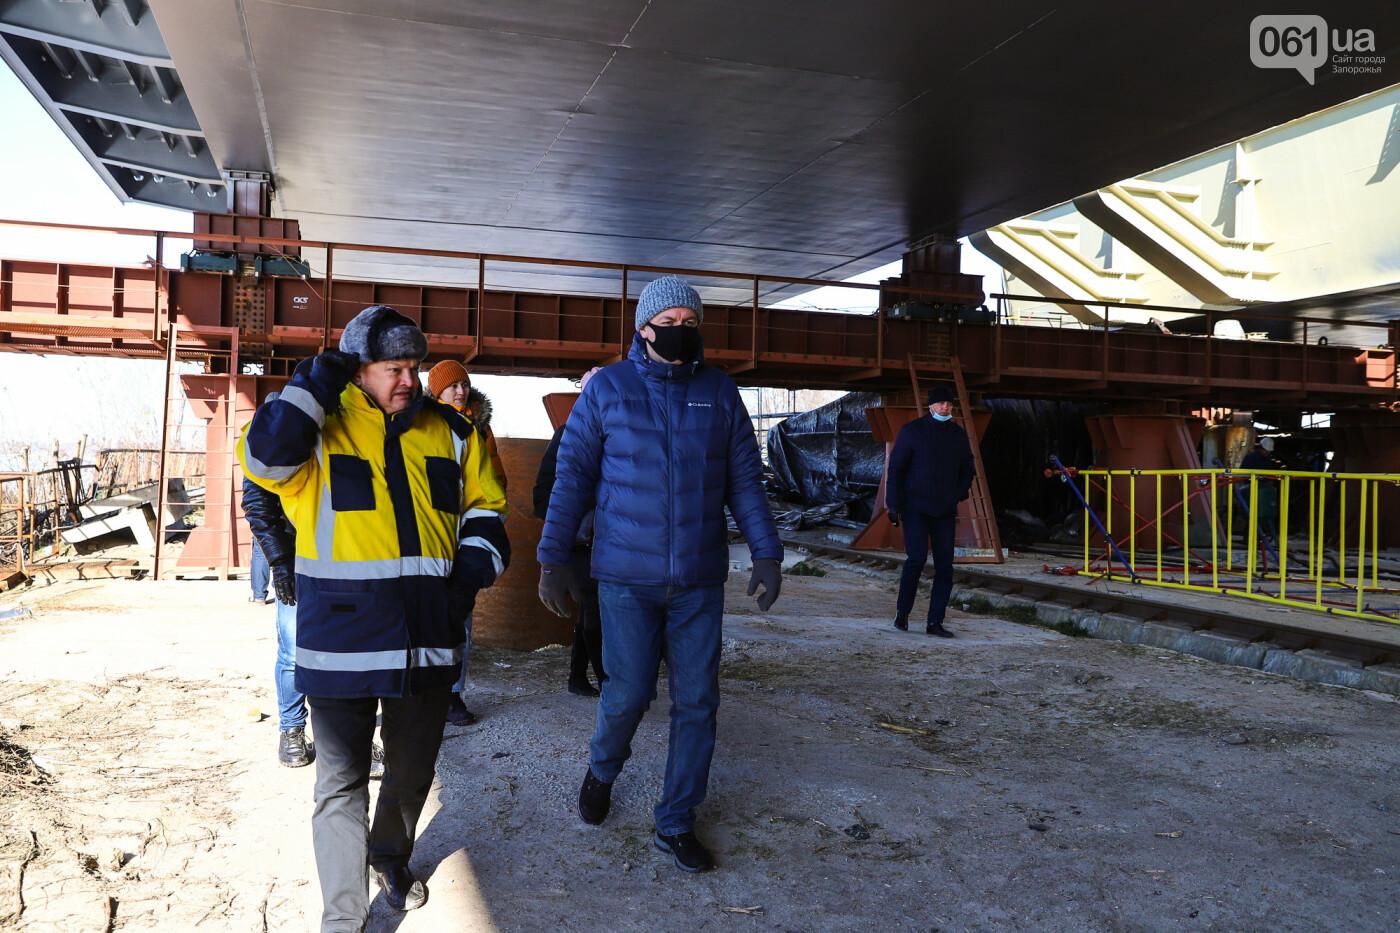 Кран с иностранной пропиской, ванты и металл: строительство запорожских мостов в фотографиях, фото-9